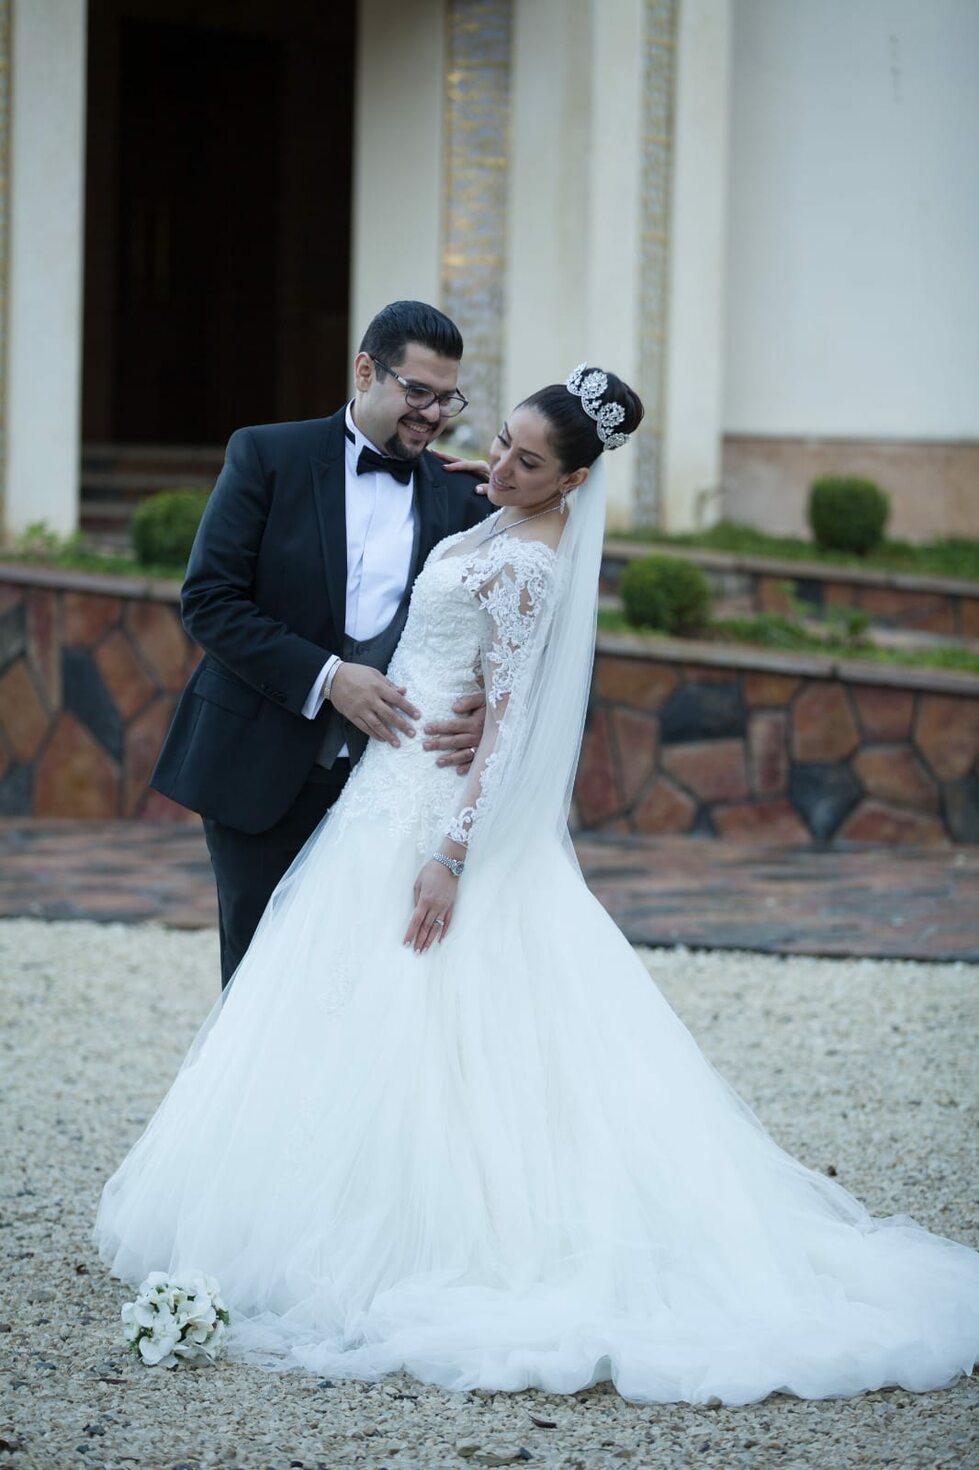 małżeństwo kulturowe podłączenie opieki zdrowotnej